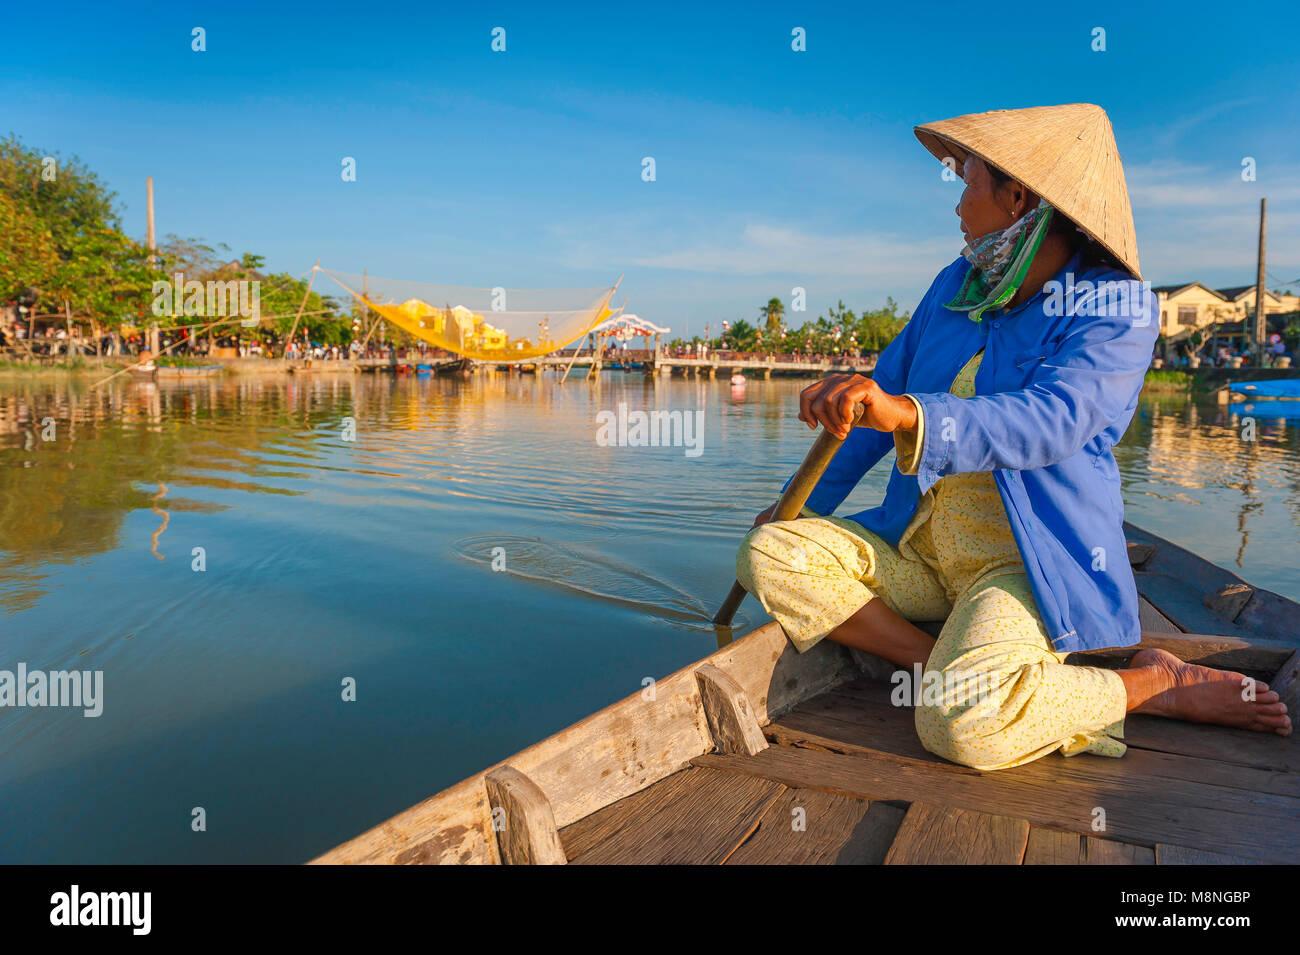 Hoi An river, un bateau-vietnamiens 'lady' dans un chapeau conique rangées le long de la rivière Photo Stock